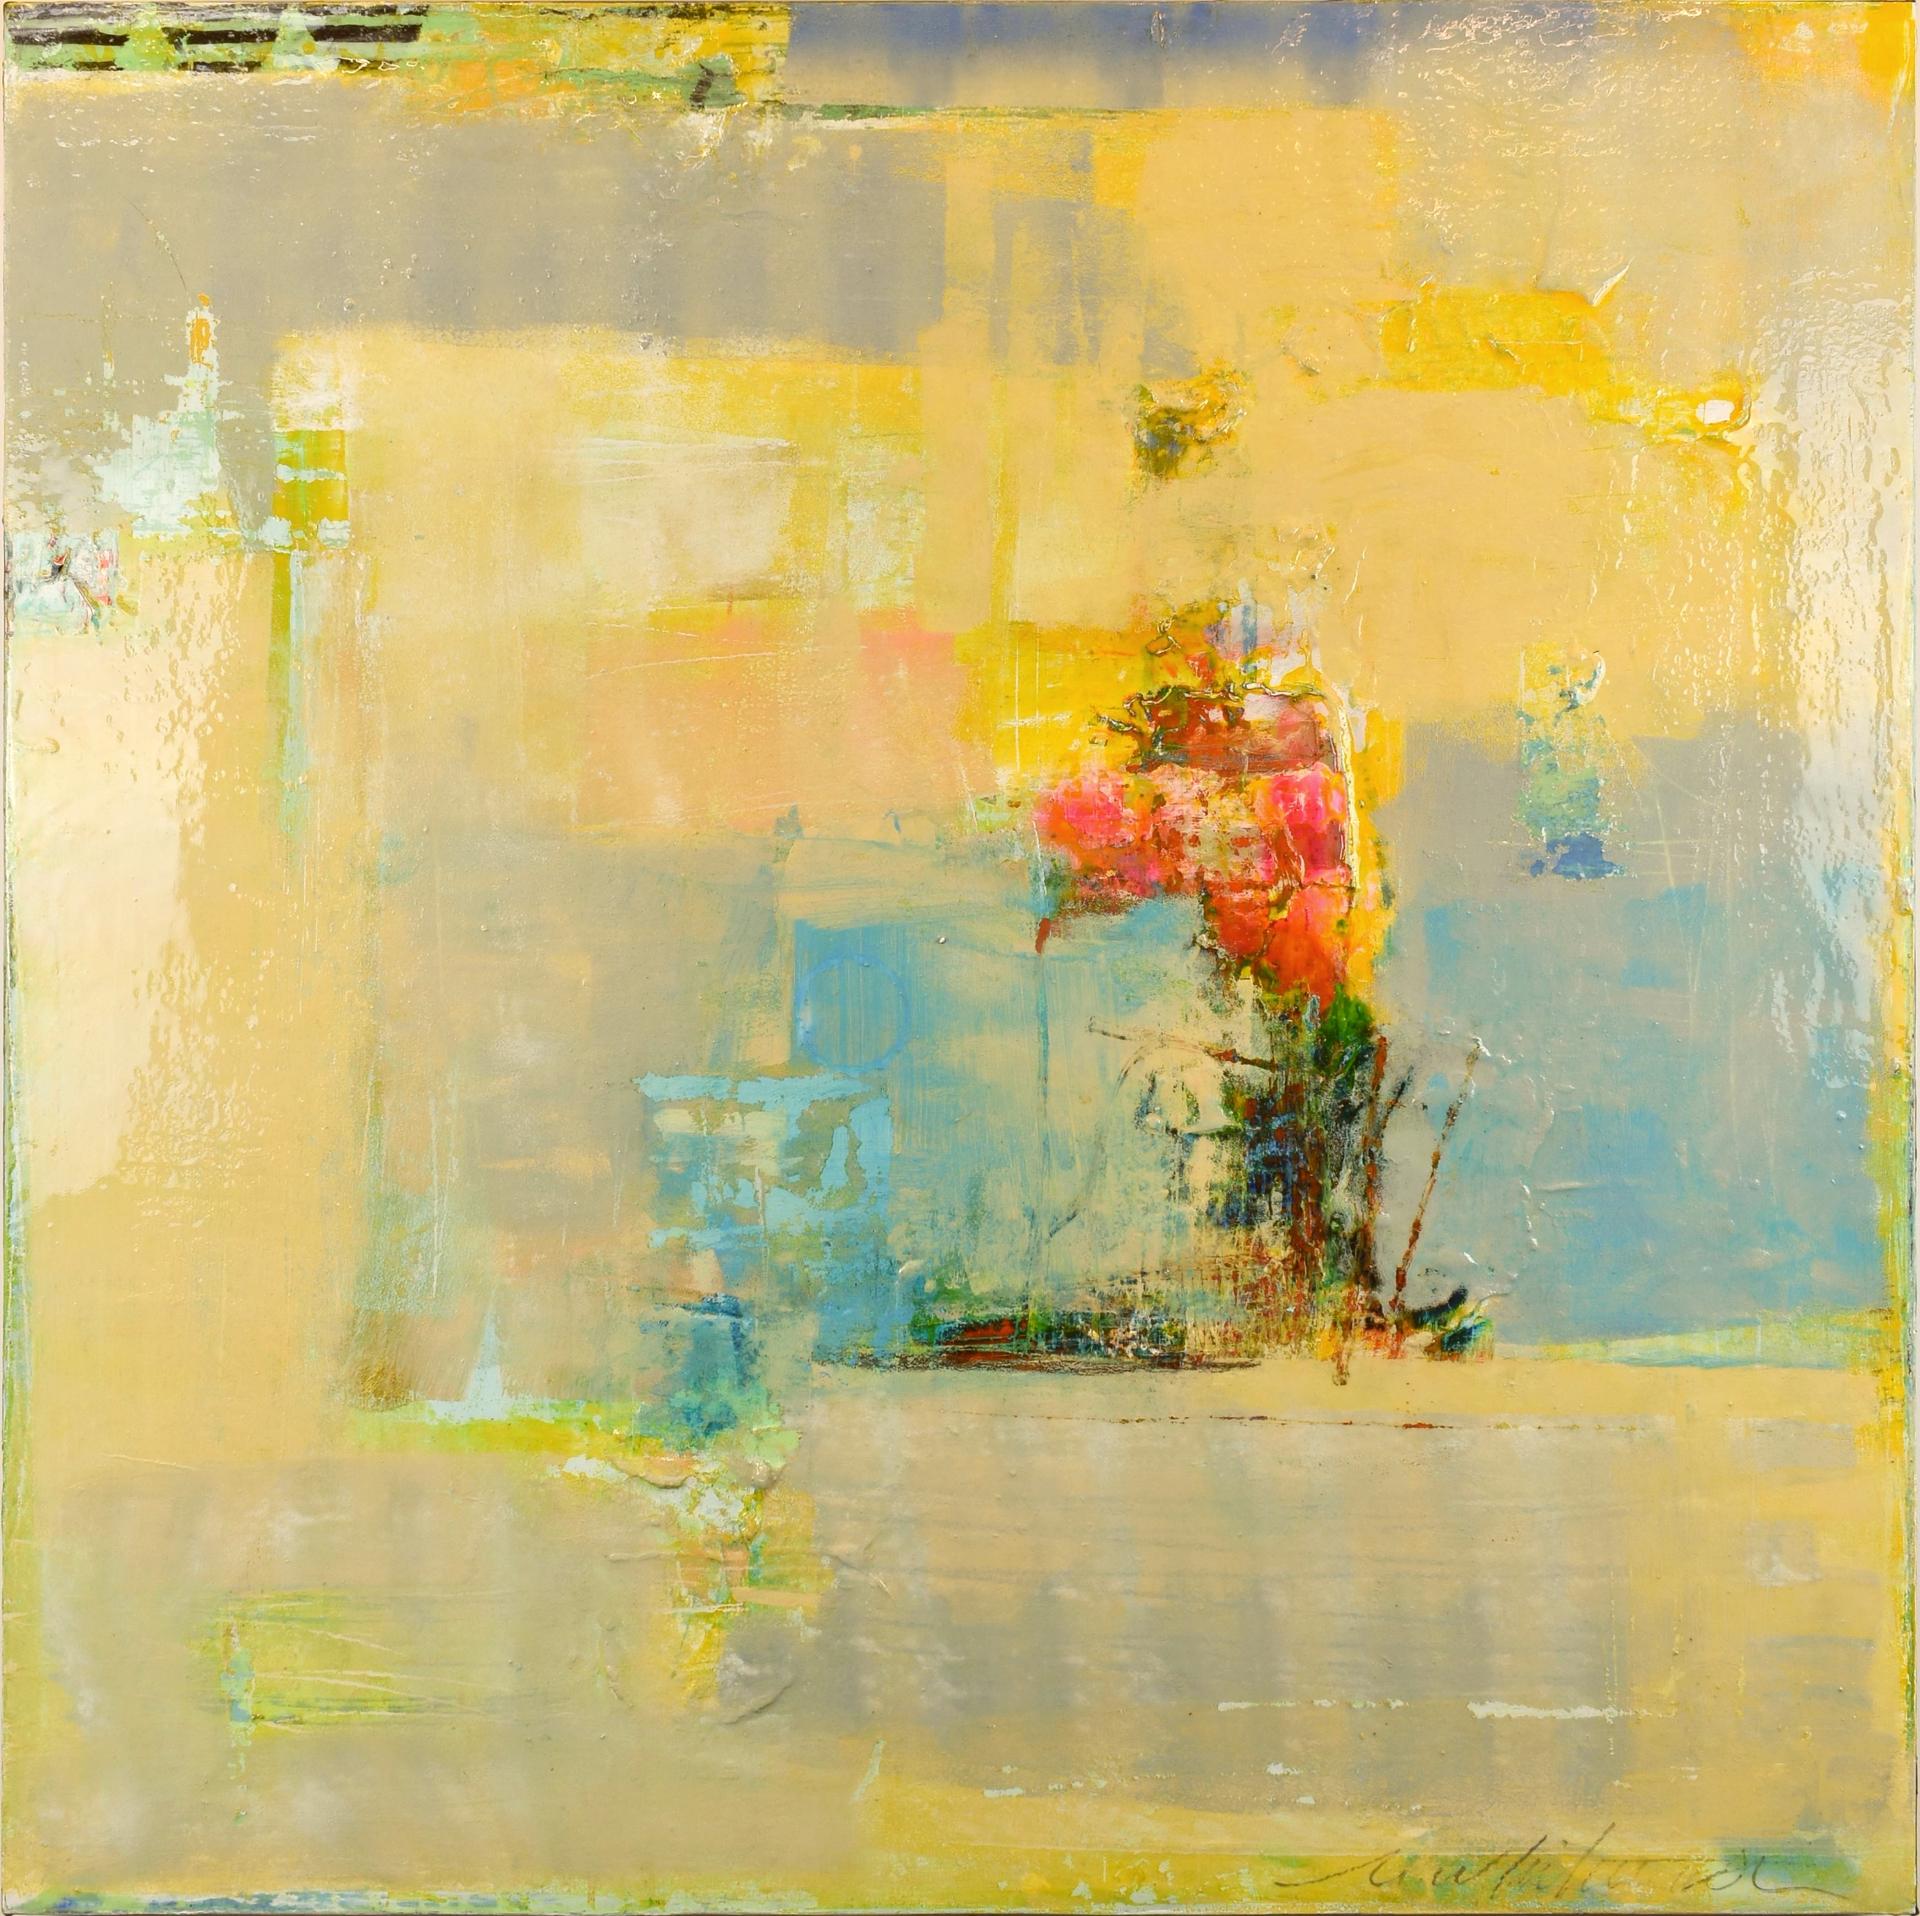 Yellow Brick Road by Mark Whitmarsh